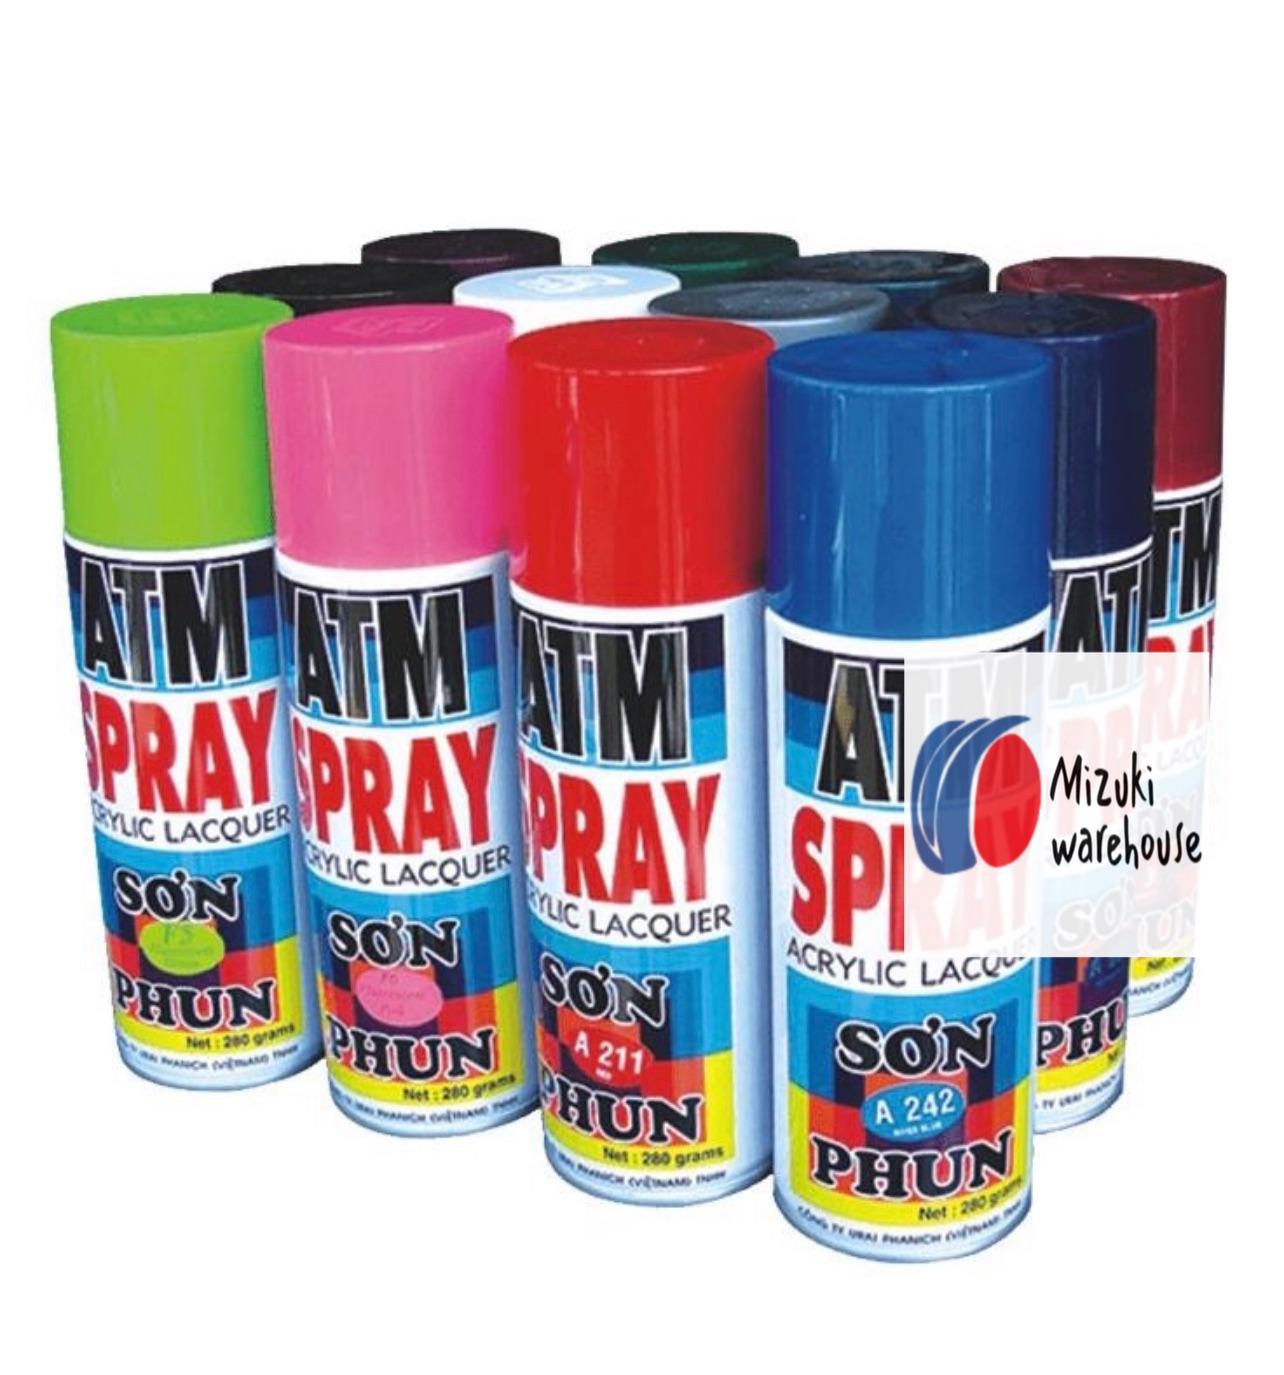 Sơn xịt ATM đủ màu CHÍNH HIỆU, ATM Spray paint (khi mua trên 2 lọ các Bạn ấn sưu tầm mã vận chuyển phía dưới để hưởng ưu đãi)